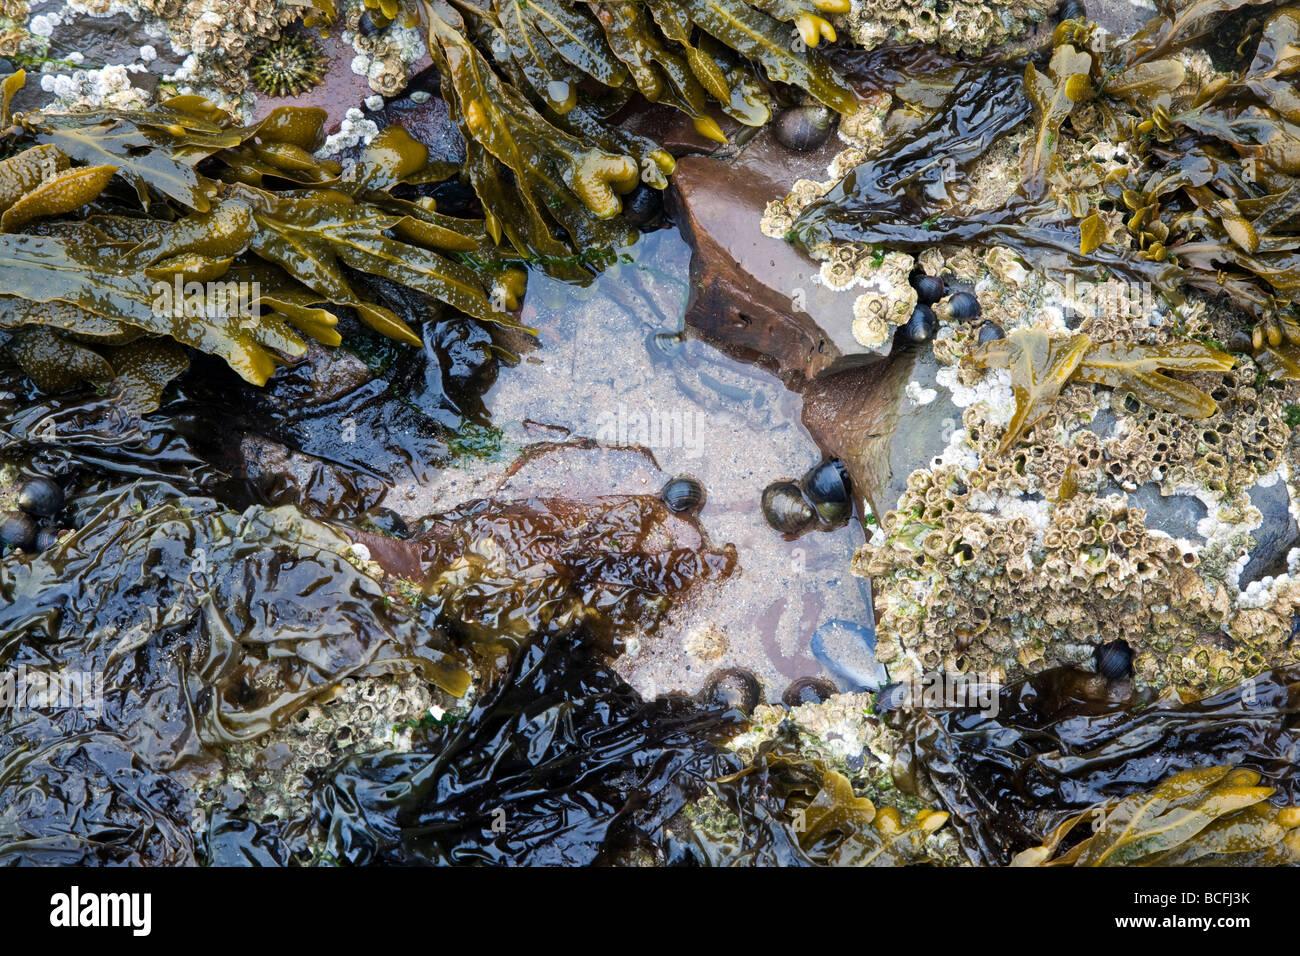 Piscine dans les rochers à marée basse Dharamsala Photo Stock